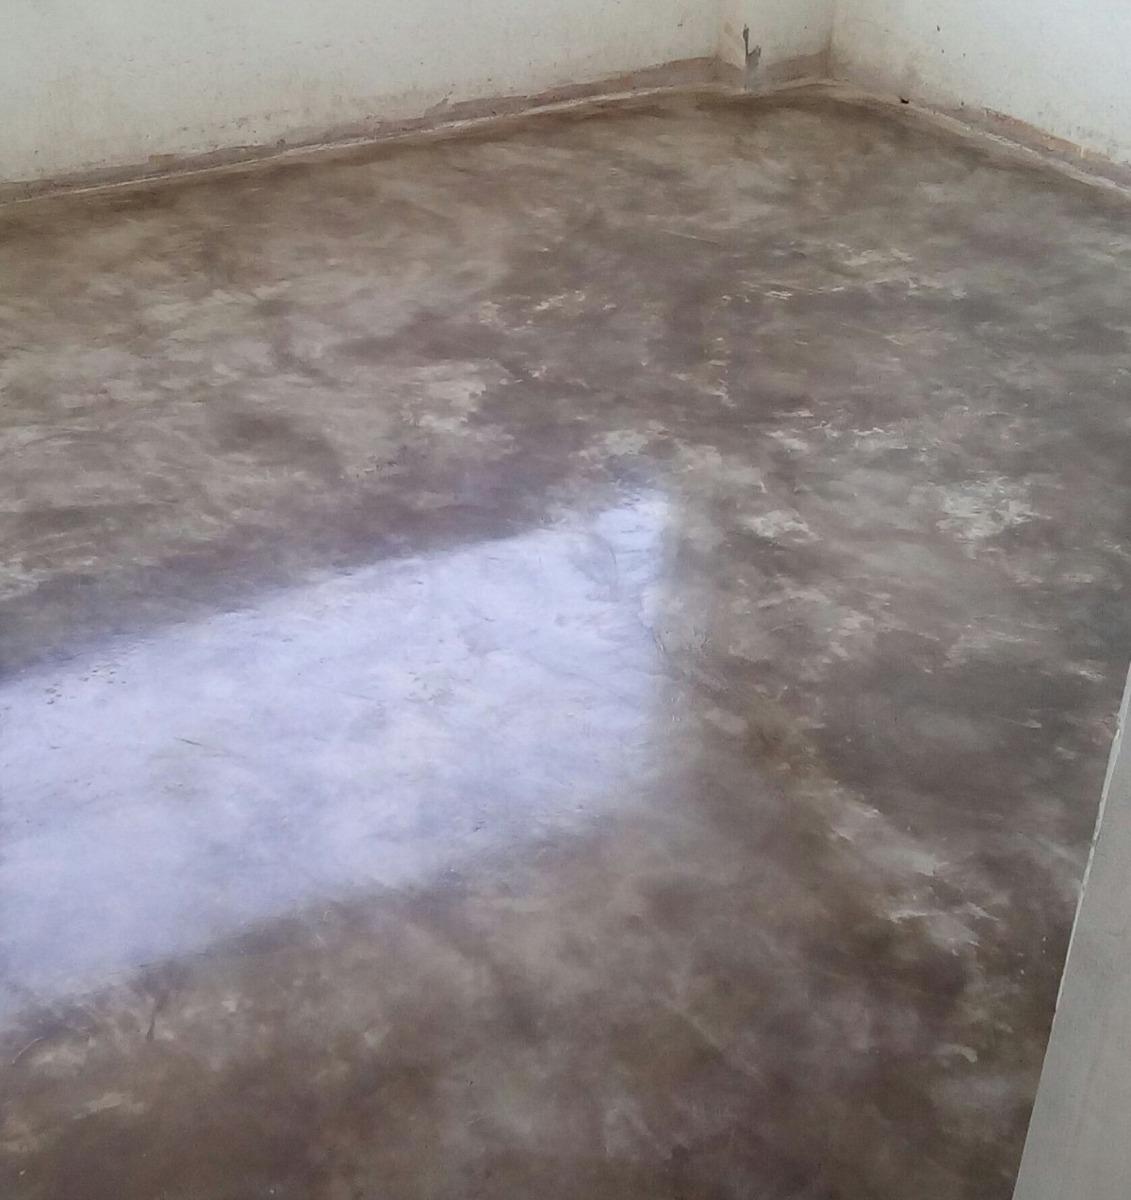 Pisos cocinas lavamanos en cemento pulido cristalizado - Lavamanos sin instalacion ...